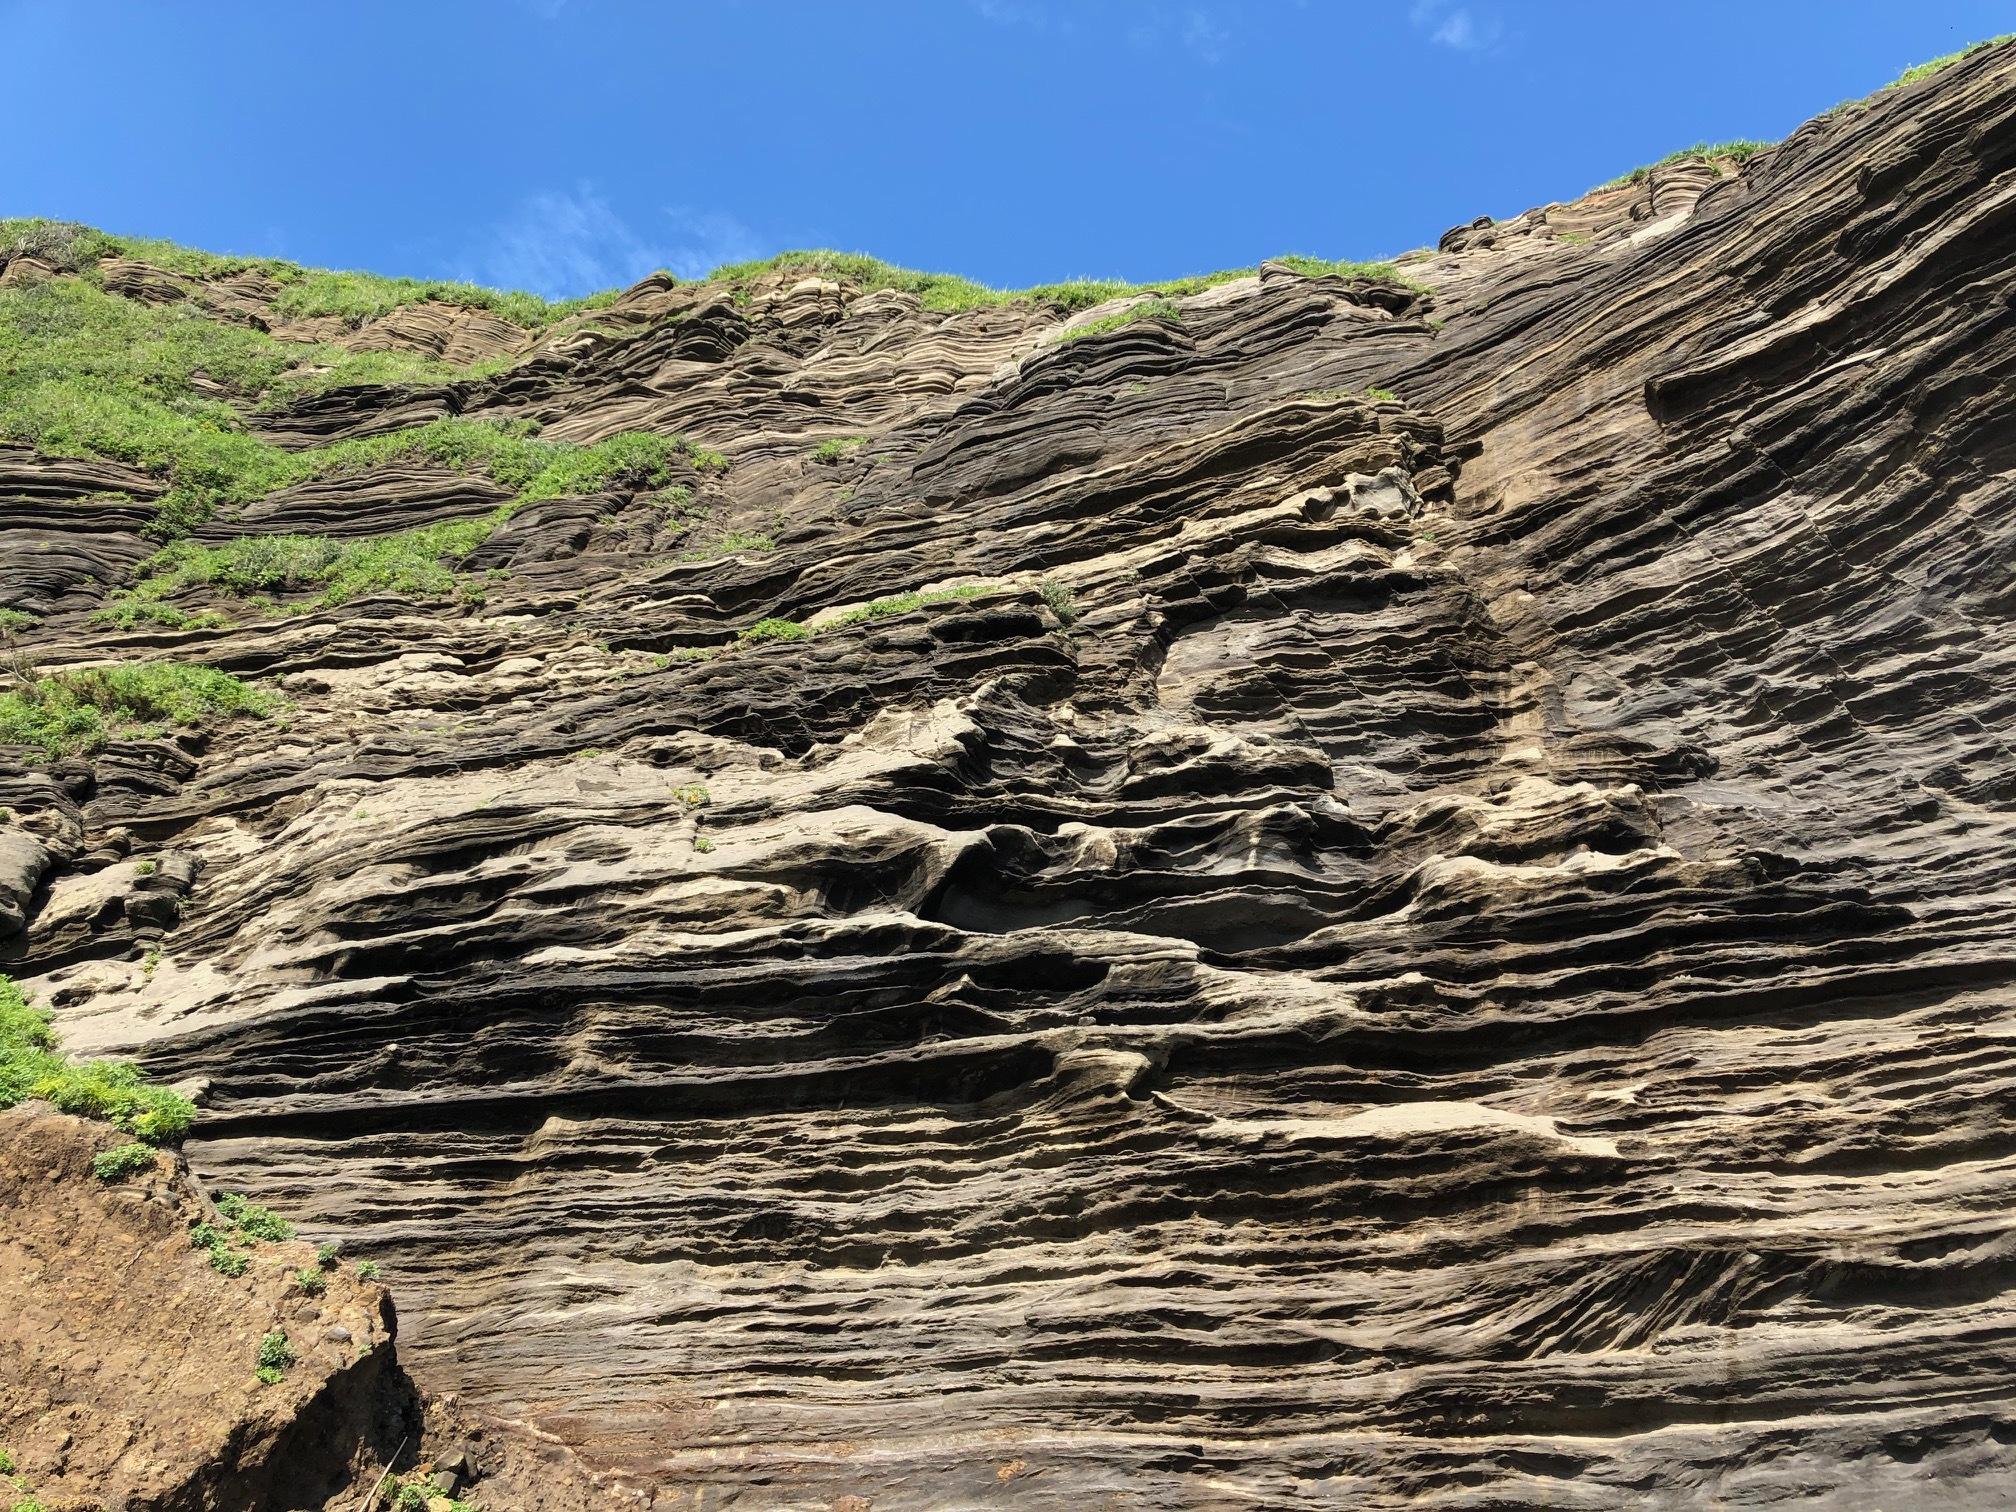 個人撮影:大房岬公園の海食崖